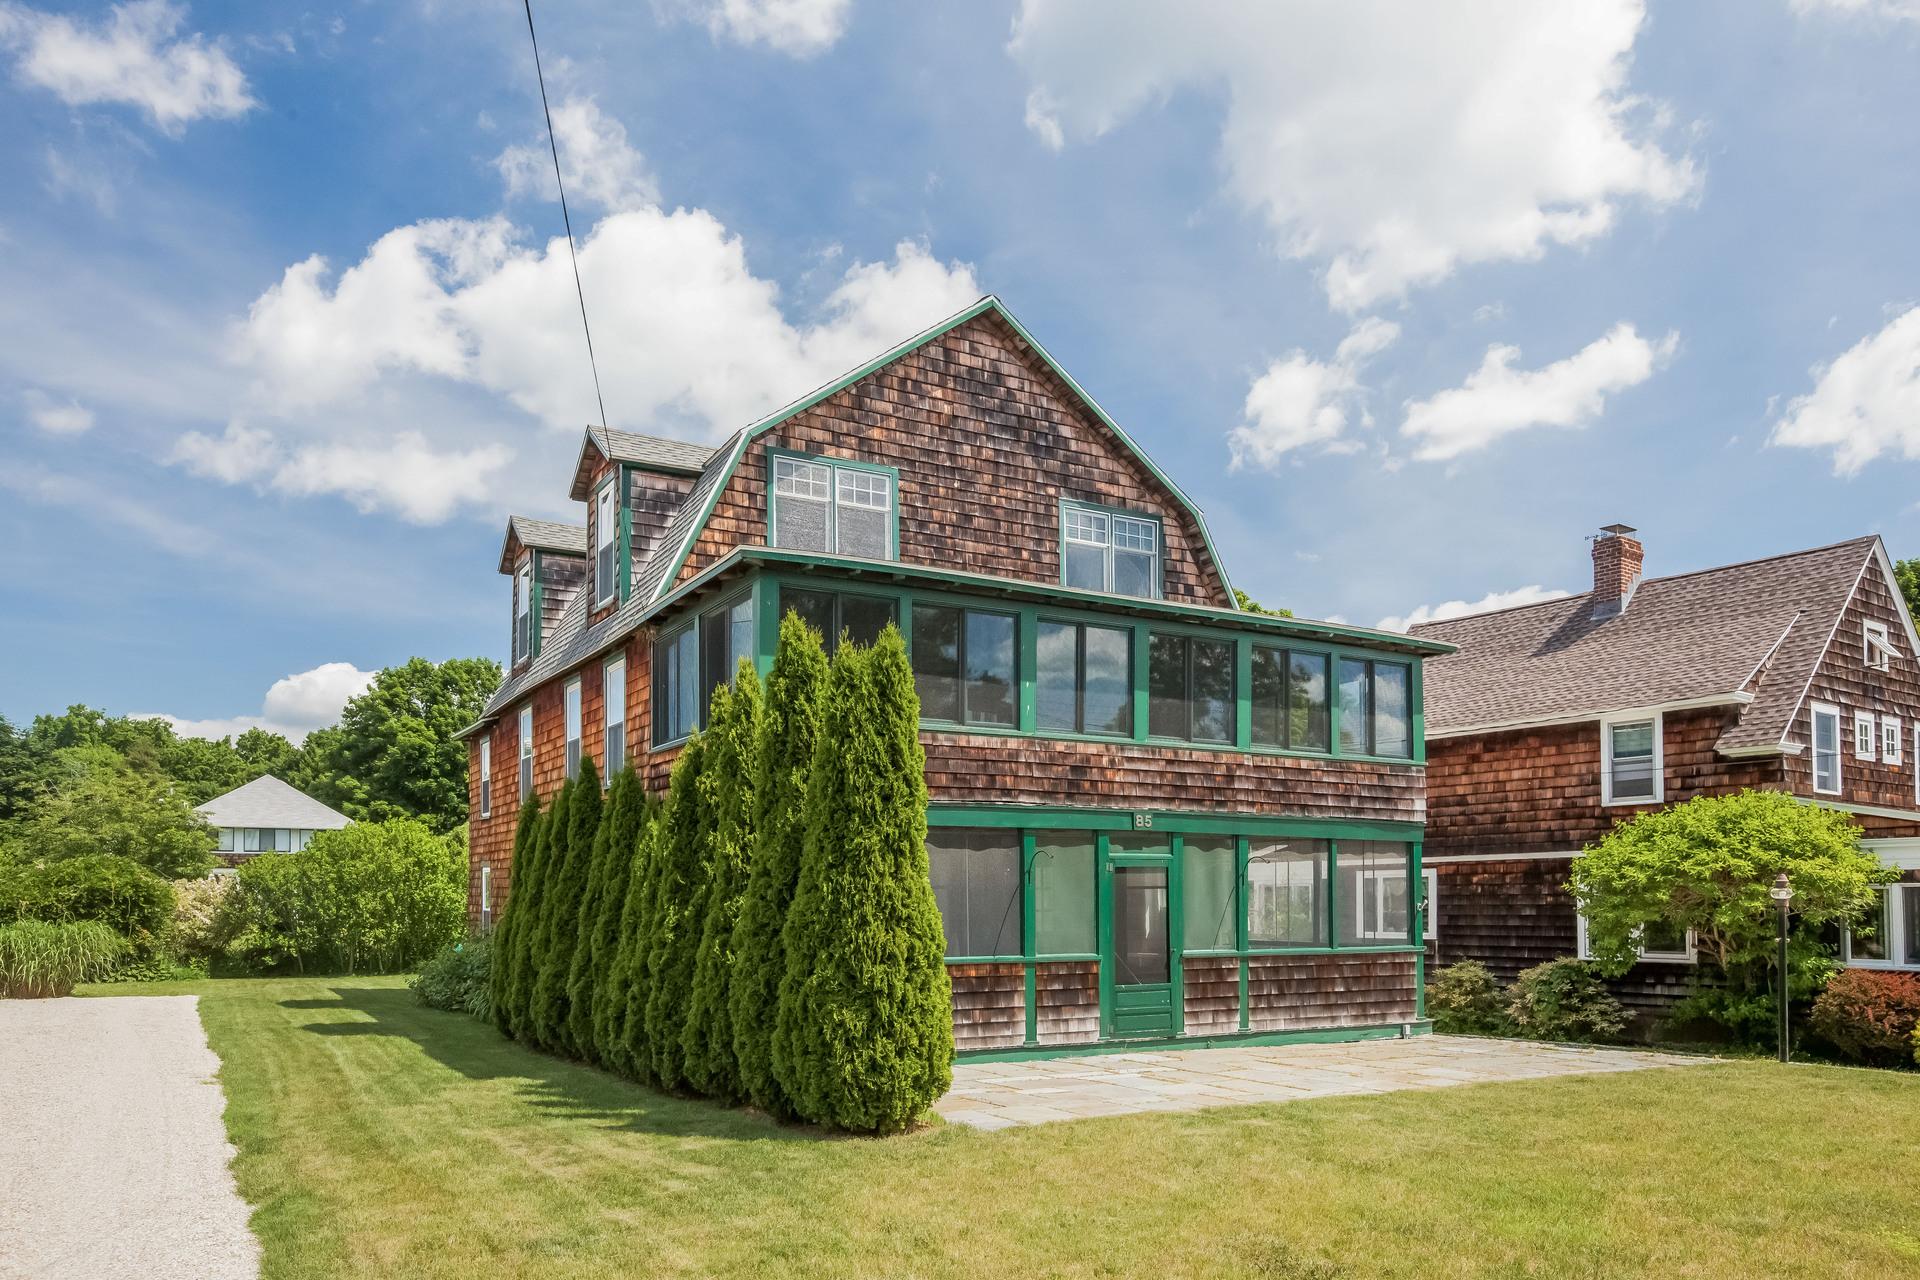 Casa Unifamiliar por un Venta en 85 Hartford Ave Madison, Connecticut, 06443 Estados Unidos